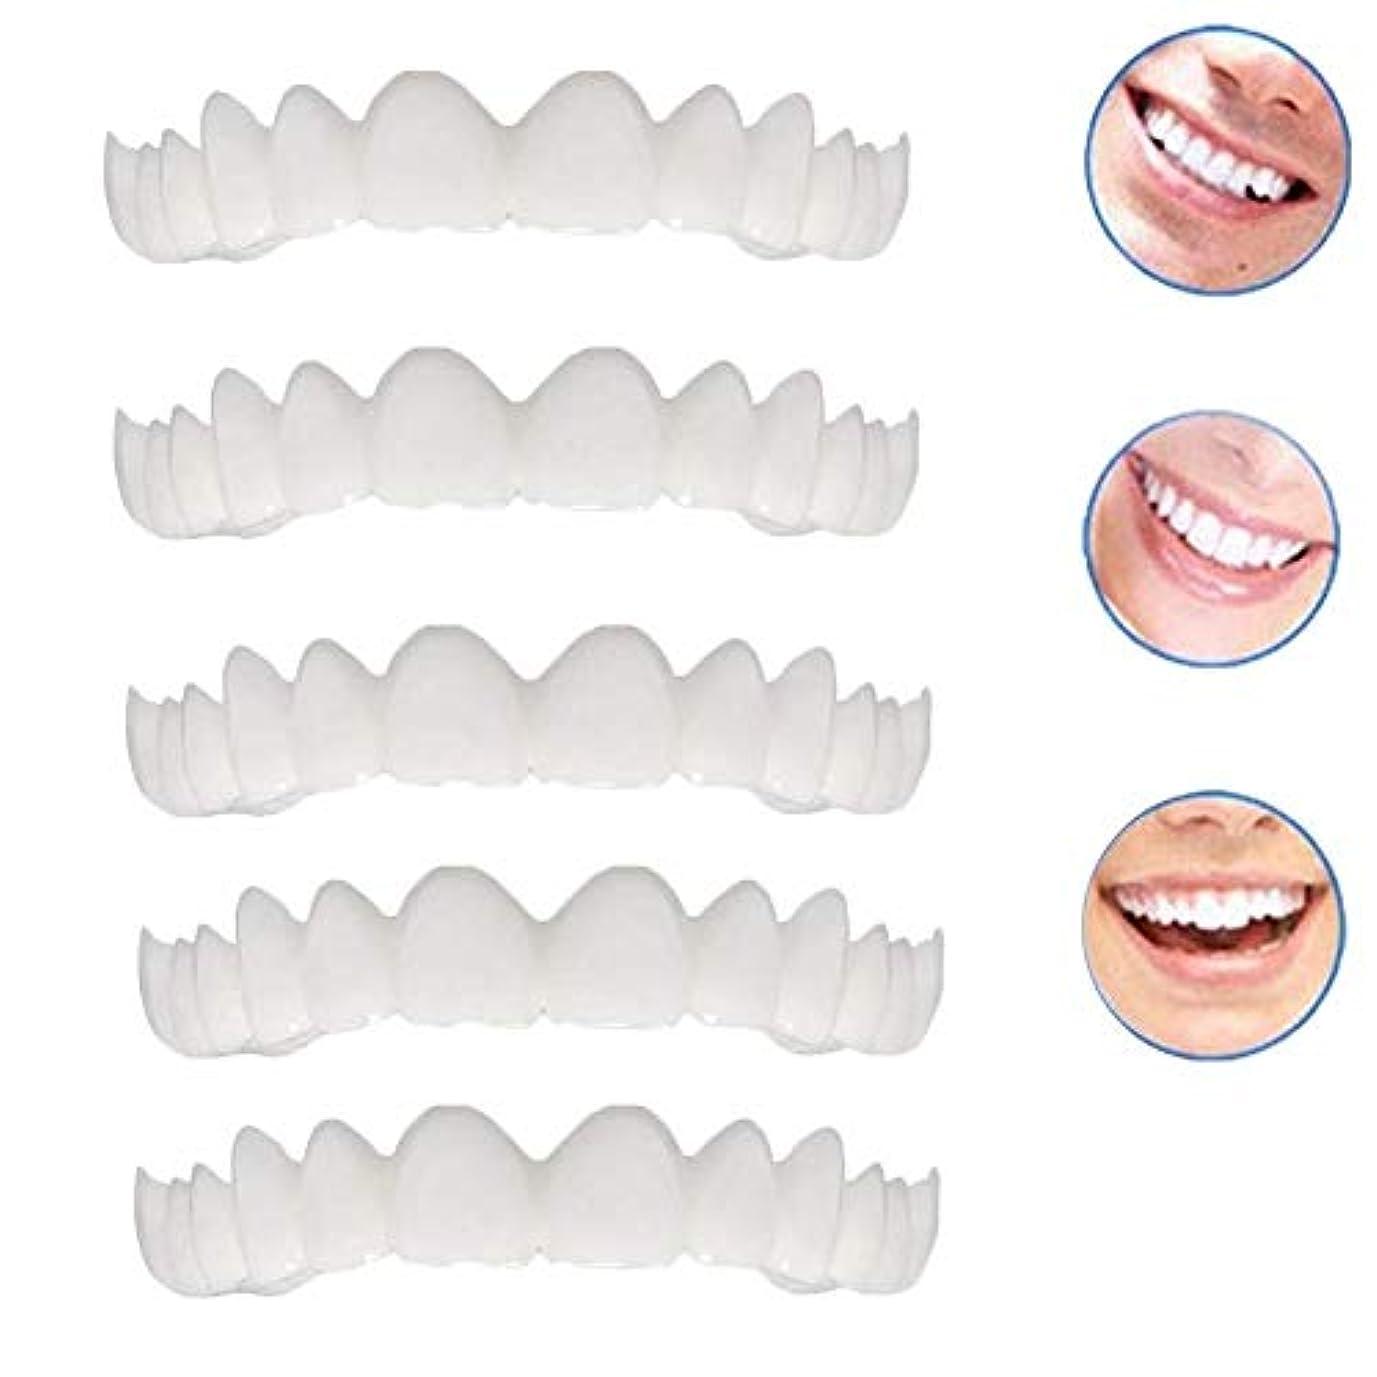 ロシアルーキー鉄道駅2本の偽のベニヤ修正歯のトップホワイトニング化粧品義歯修正のための悪い歯のための新しいプロの笑顔のベニヤ